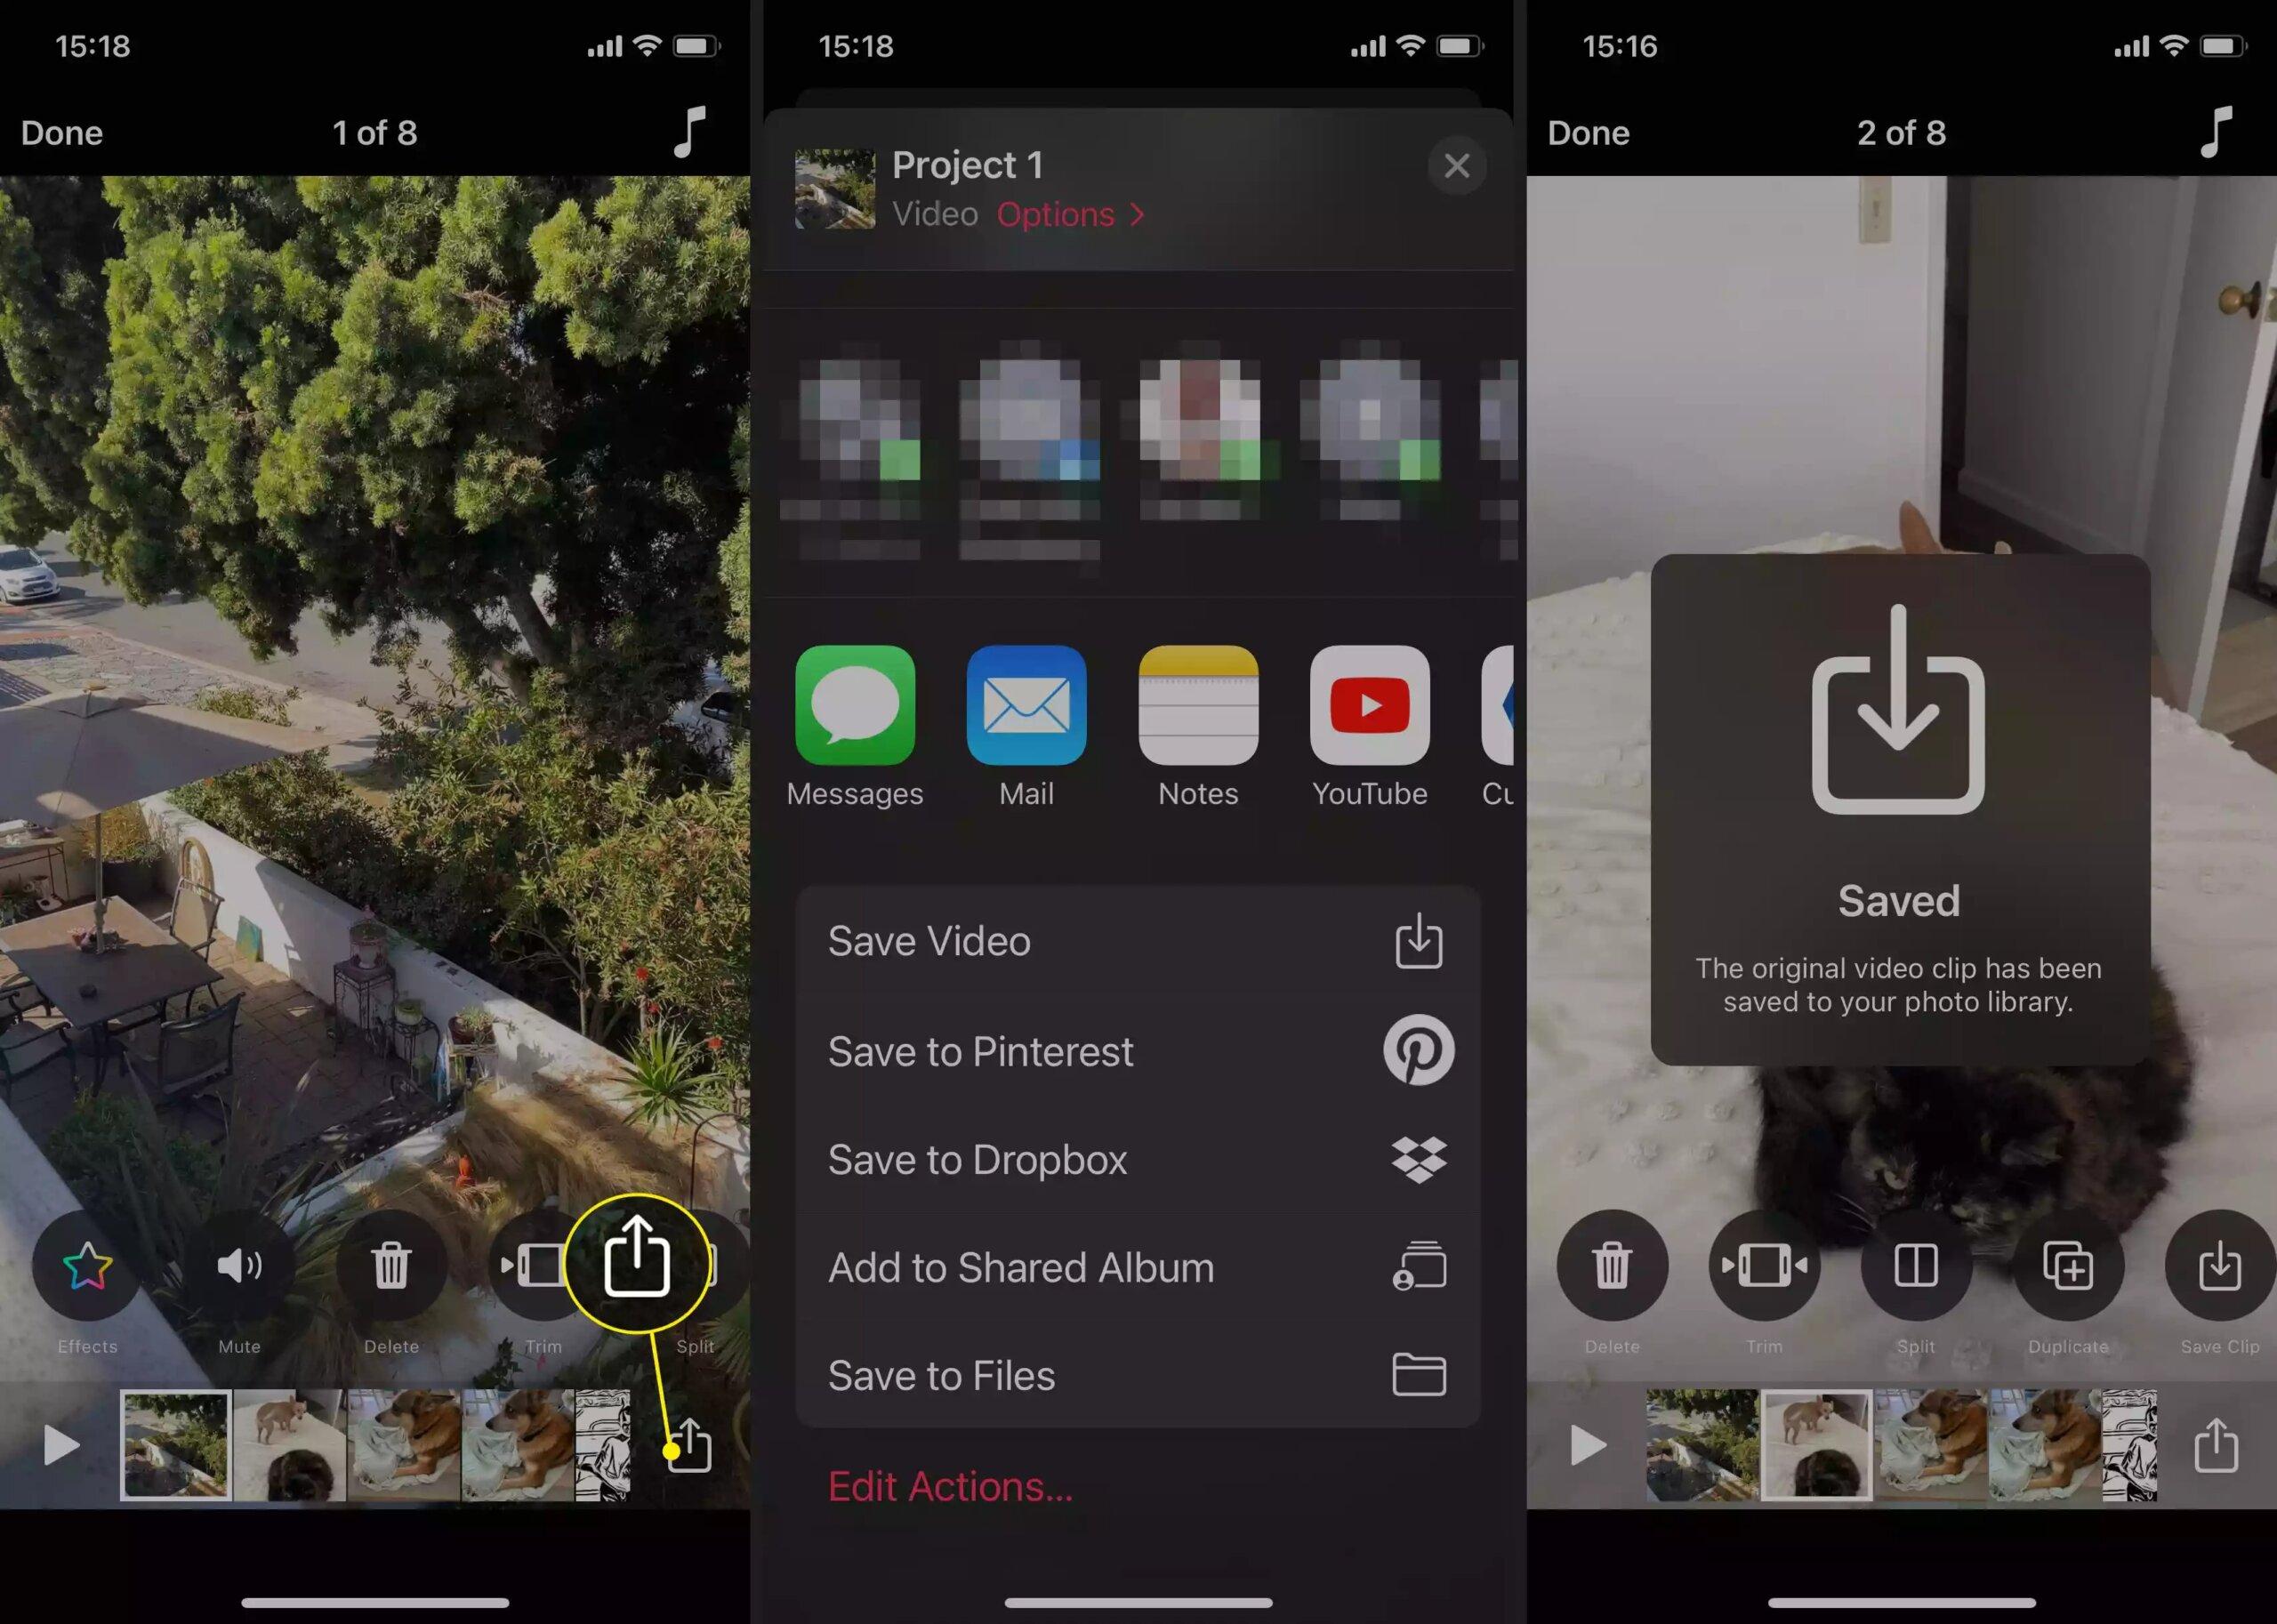 Cách làm video trên iPhone bằng app Clips có sẵn 30